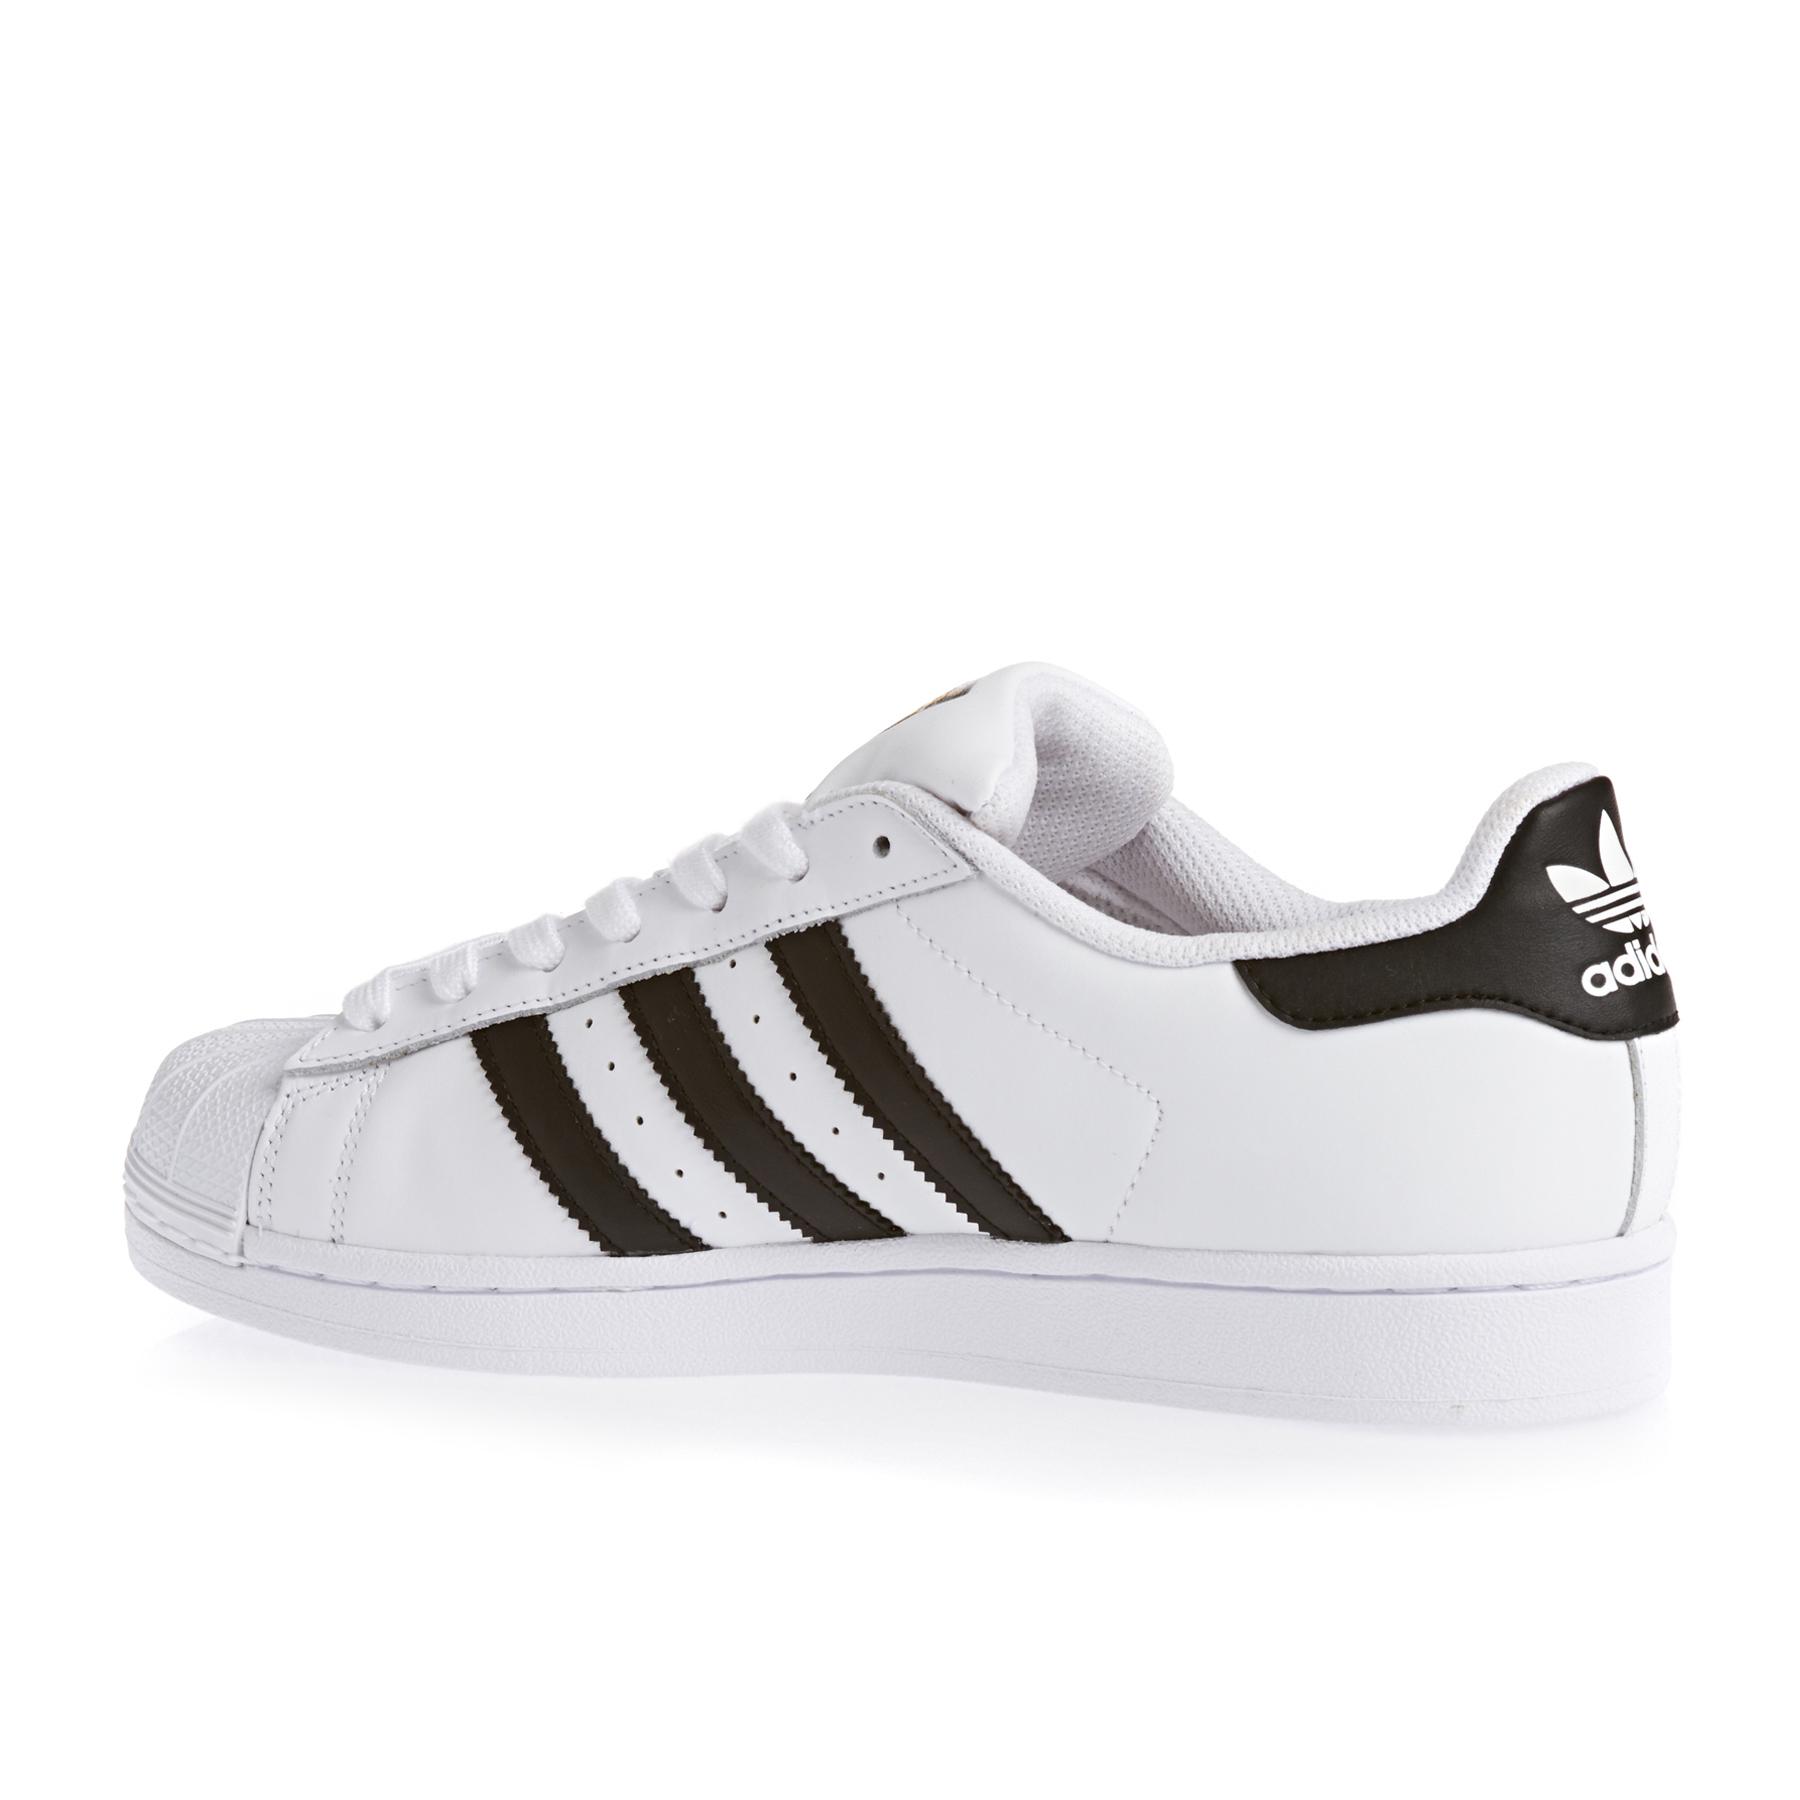 Sapatos Adidas Originals Superstar Envio Grátis* com as